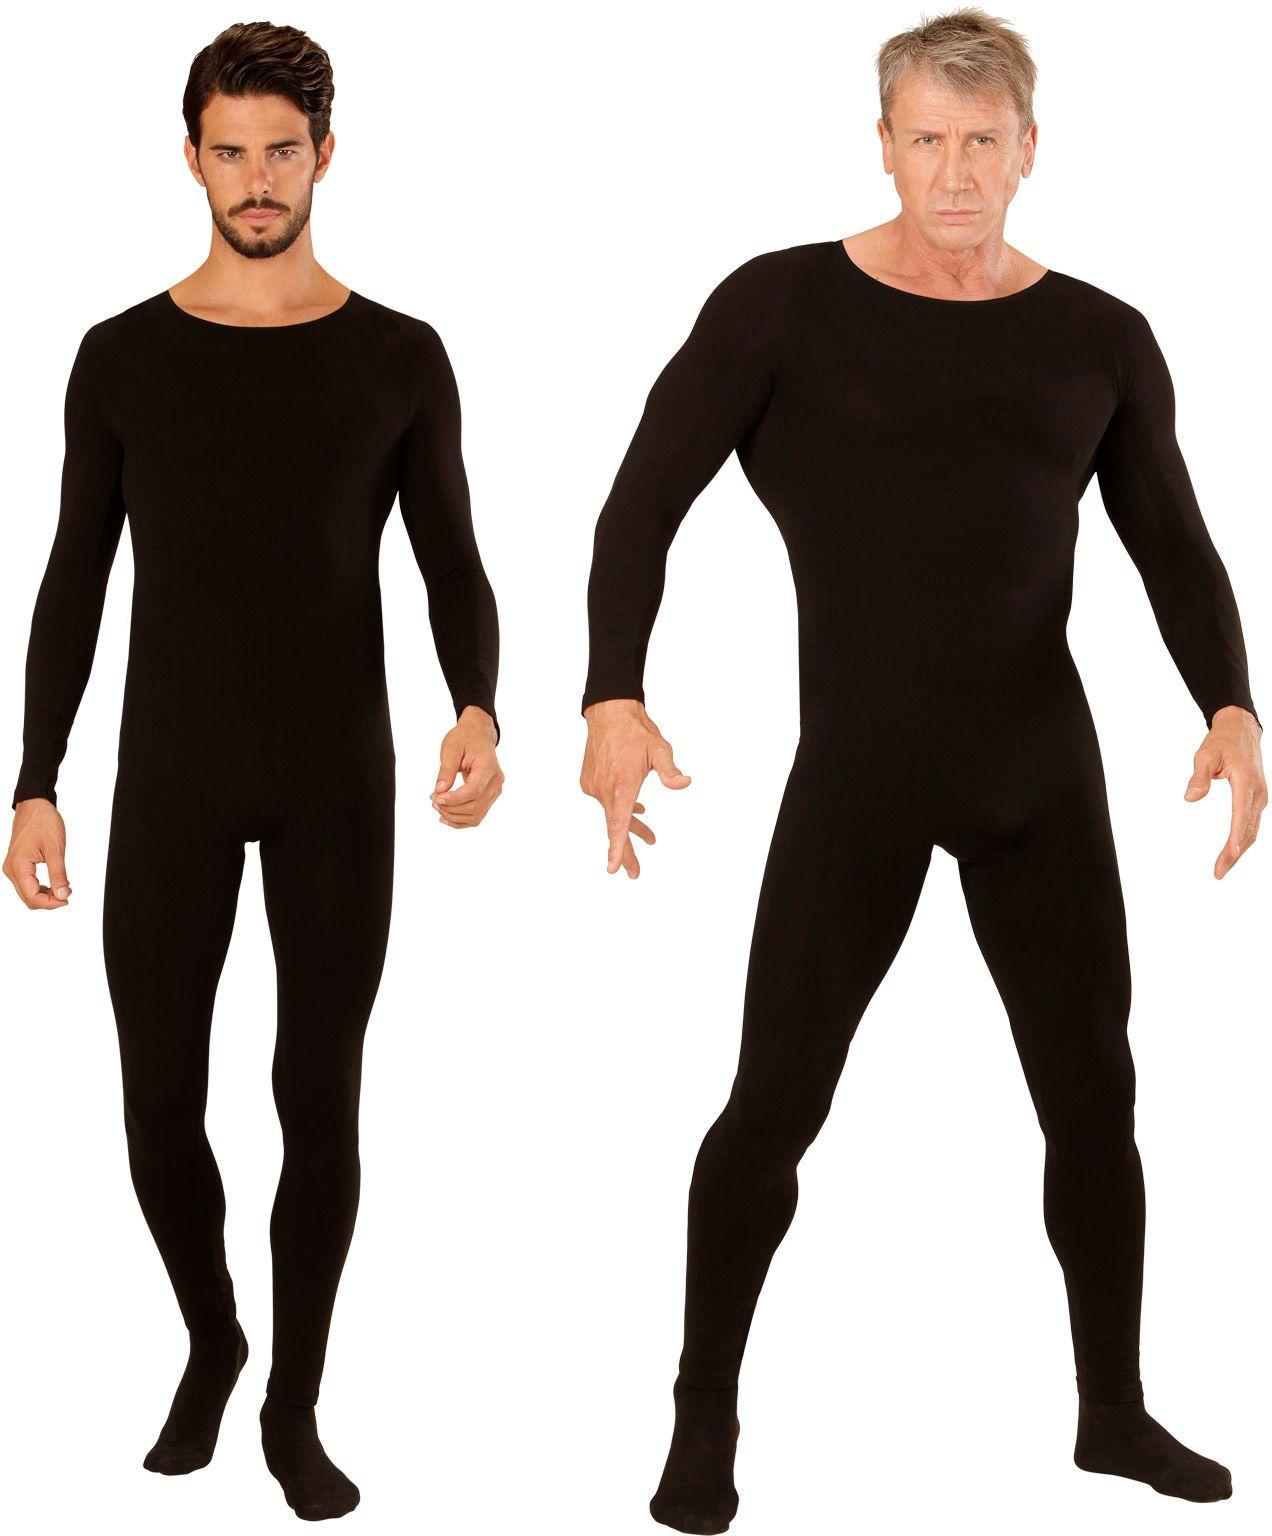 Zwarte bodysuit heren